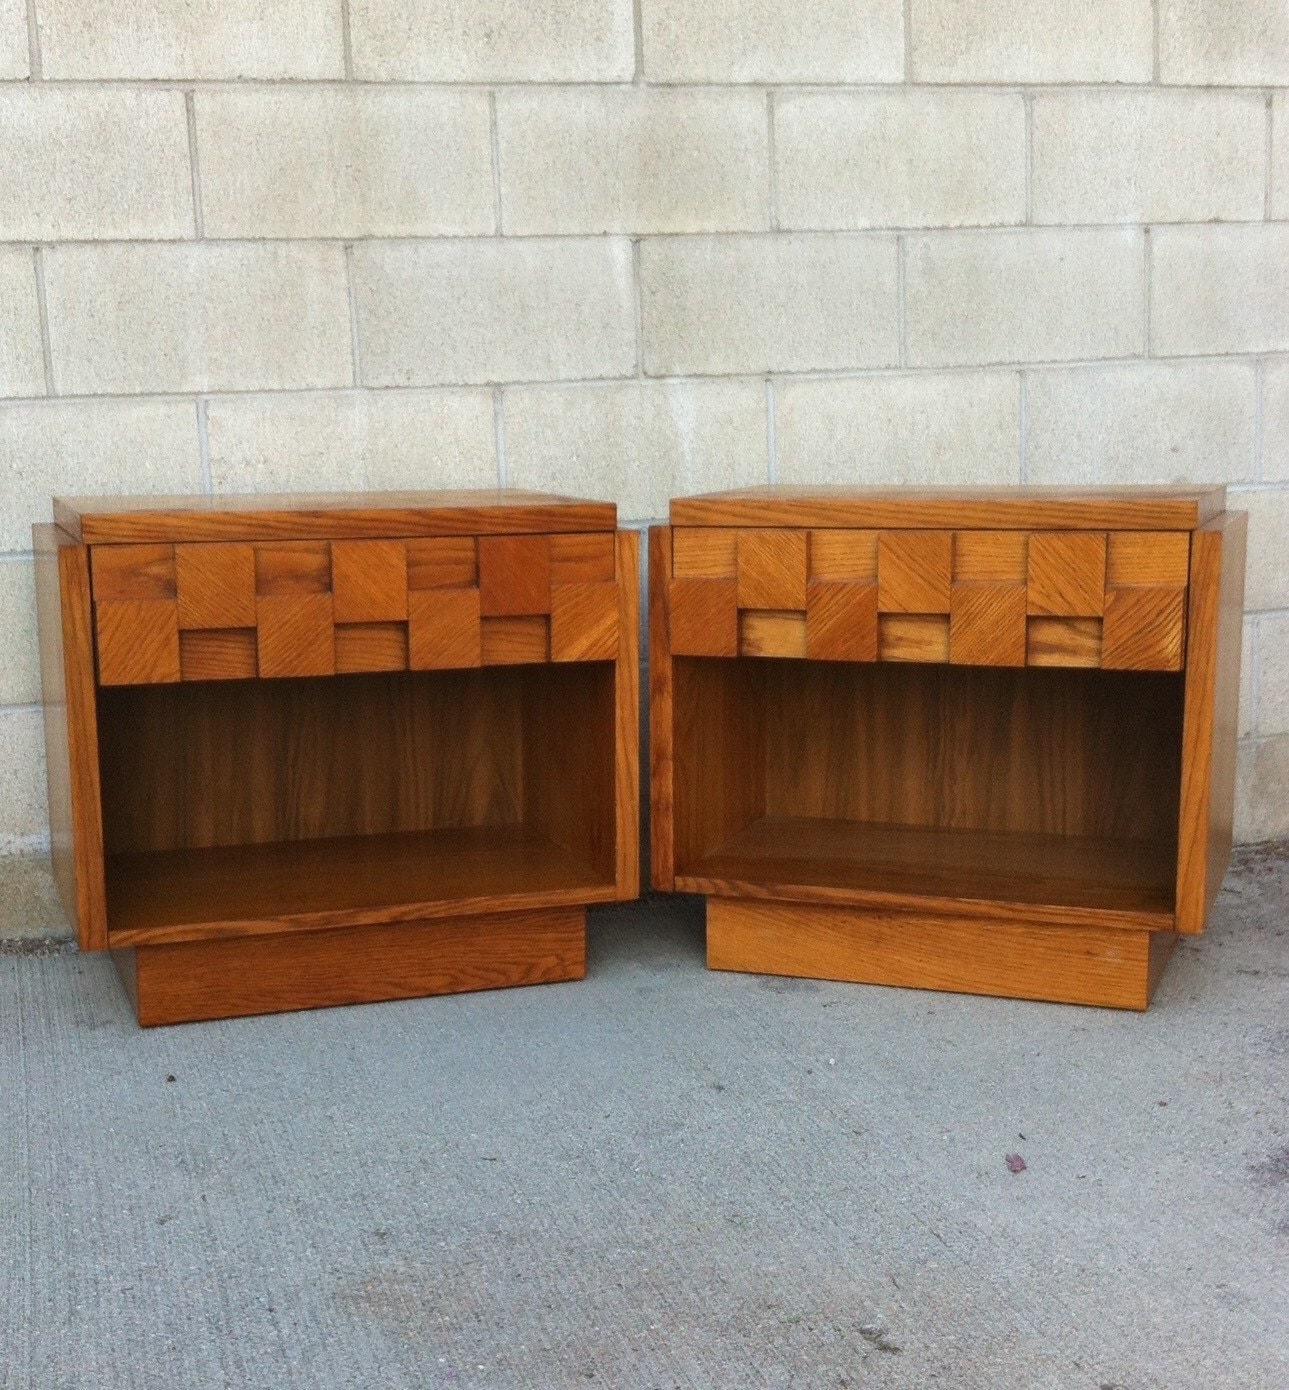 Lane Furniture Bedroom Sets Bedroom Sets With Armoire Furniture Elegant Bedroom Wardrobes